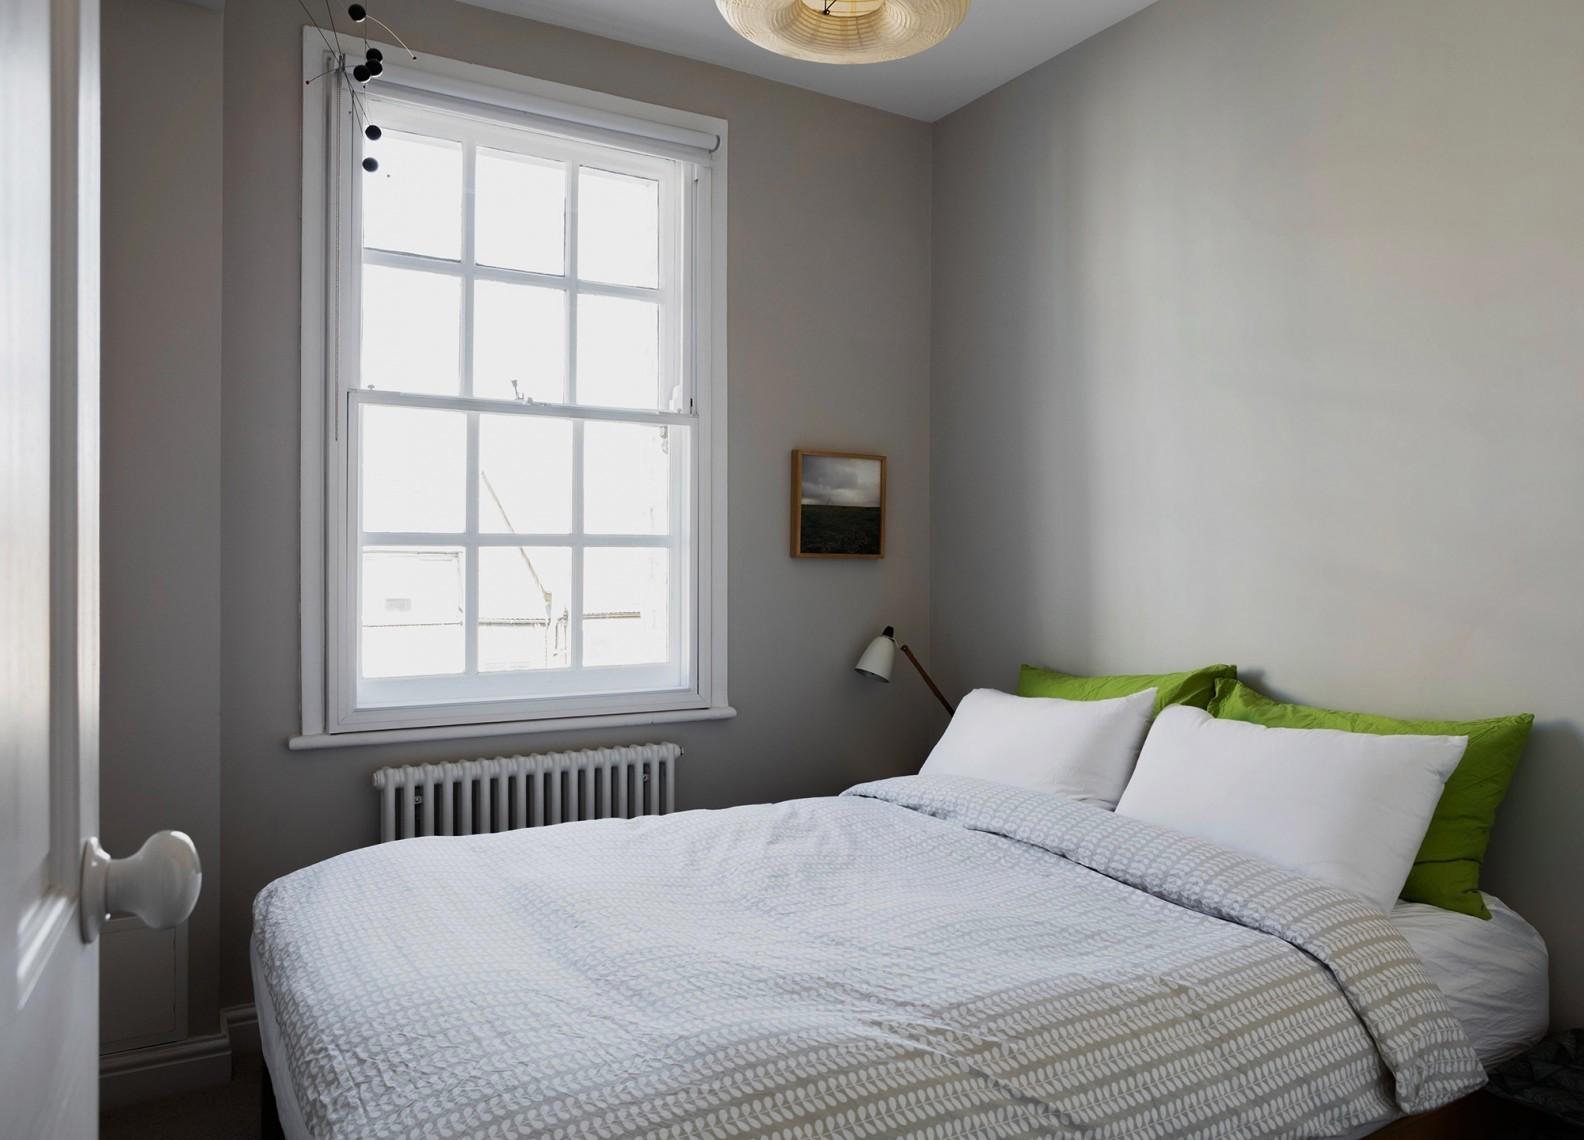 tsveten-i-funktsionalen-interior-za-malak-semeen-apartament-45-m-8g